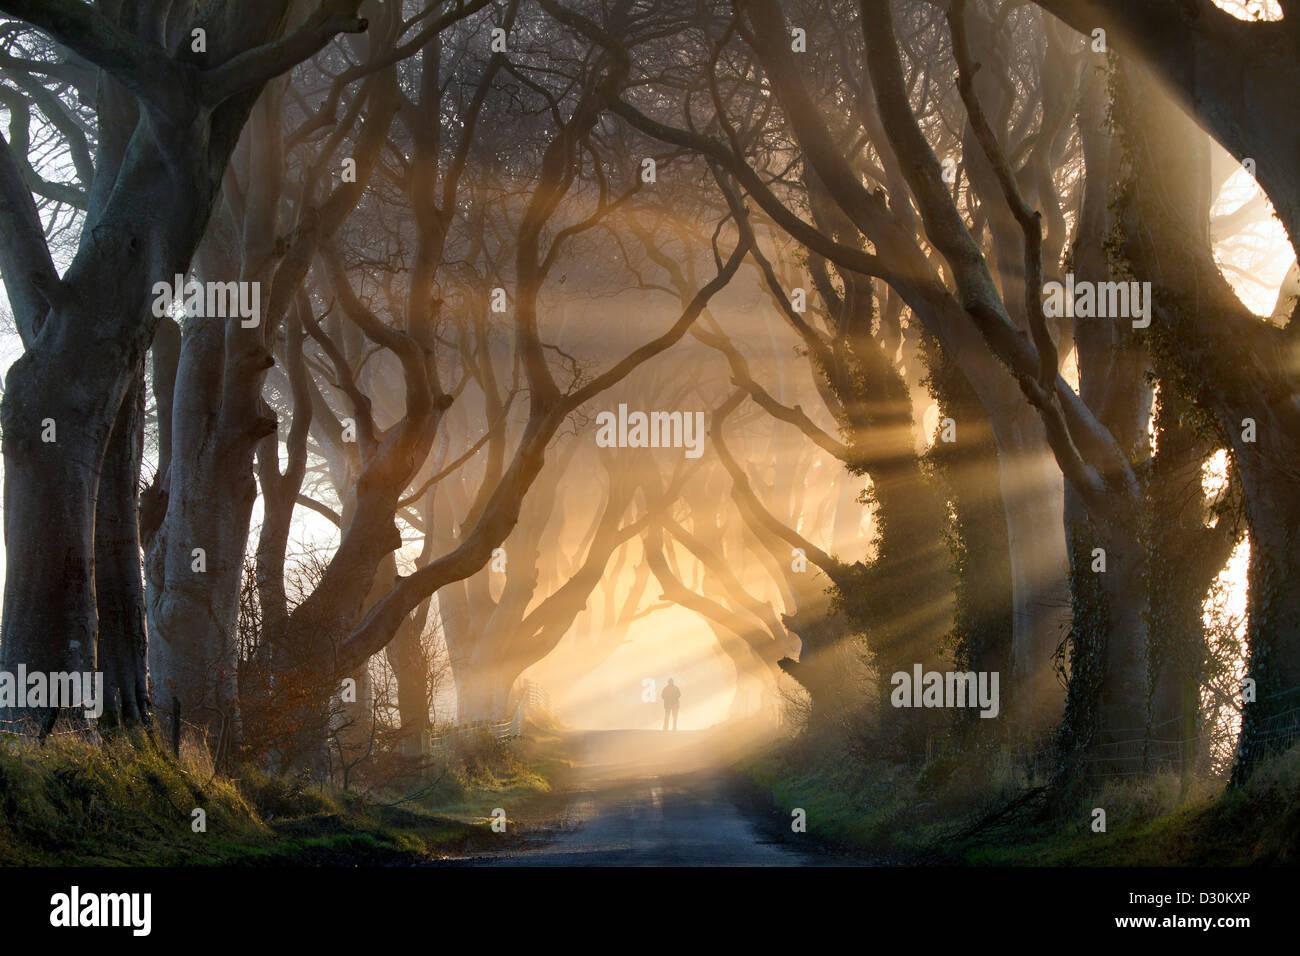 Eine Silhouette Figur verleiht die verhüllten Stimmung wie die Strahlen der Sonnenlicht den Nebel auf die dunklen Stockbild